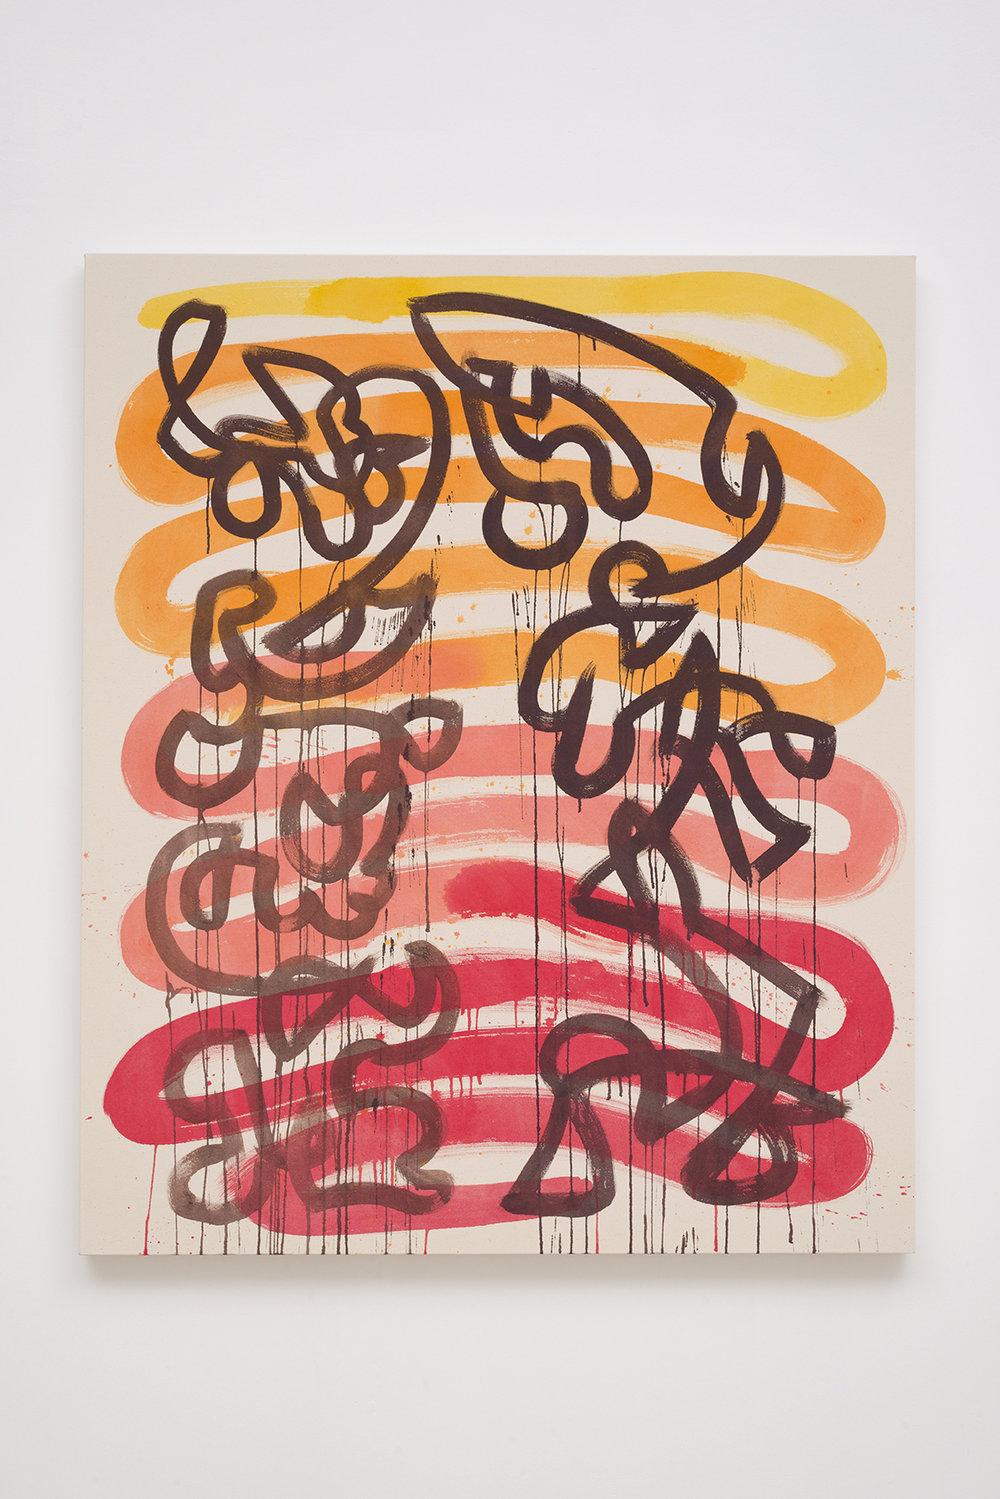 Monique Prieto  Zamba , 2014 Oil on primed canvas 152.4 x 121.9 cm 60 x 48 in Photo: © Monique Prieto Courtesy of Chimento Contemporary